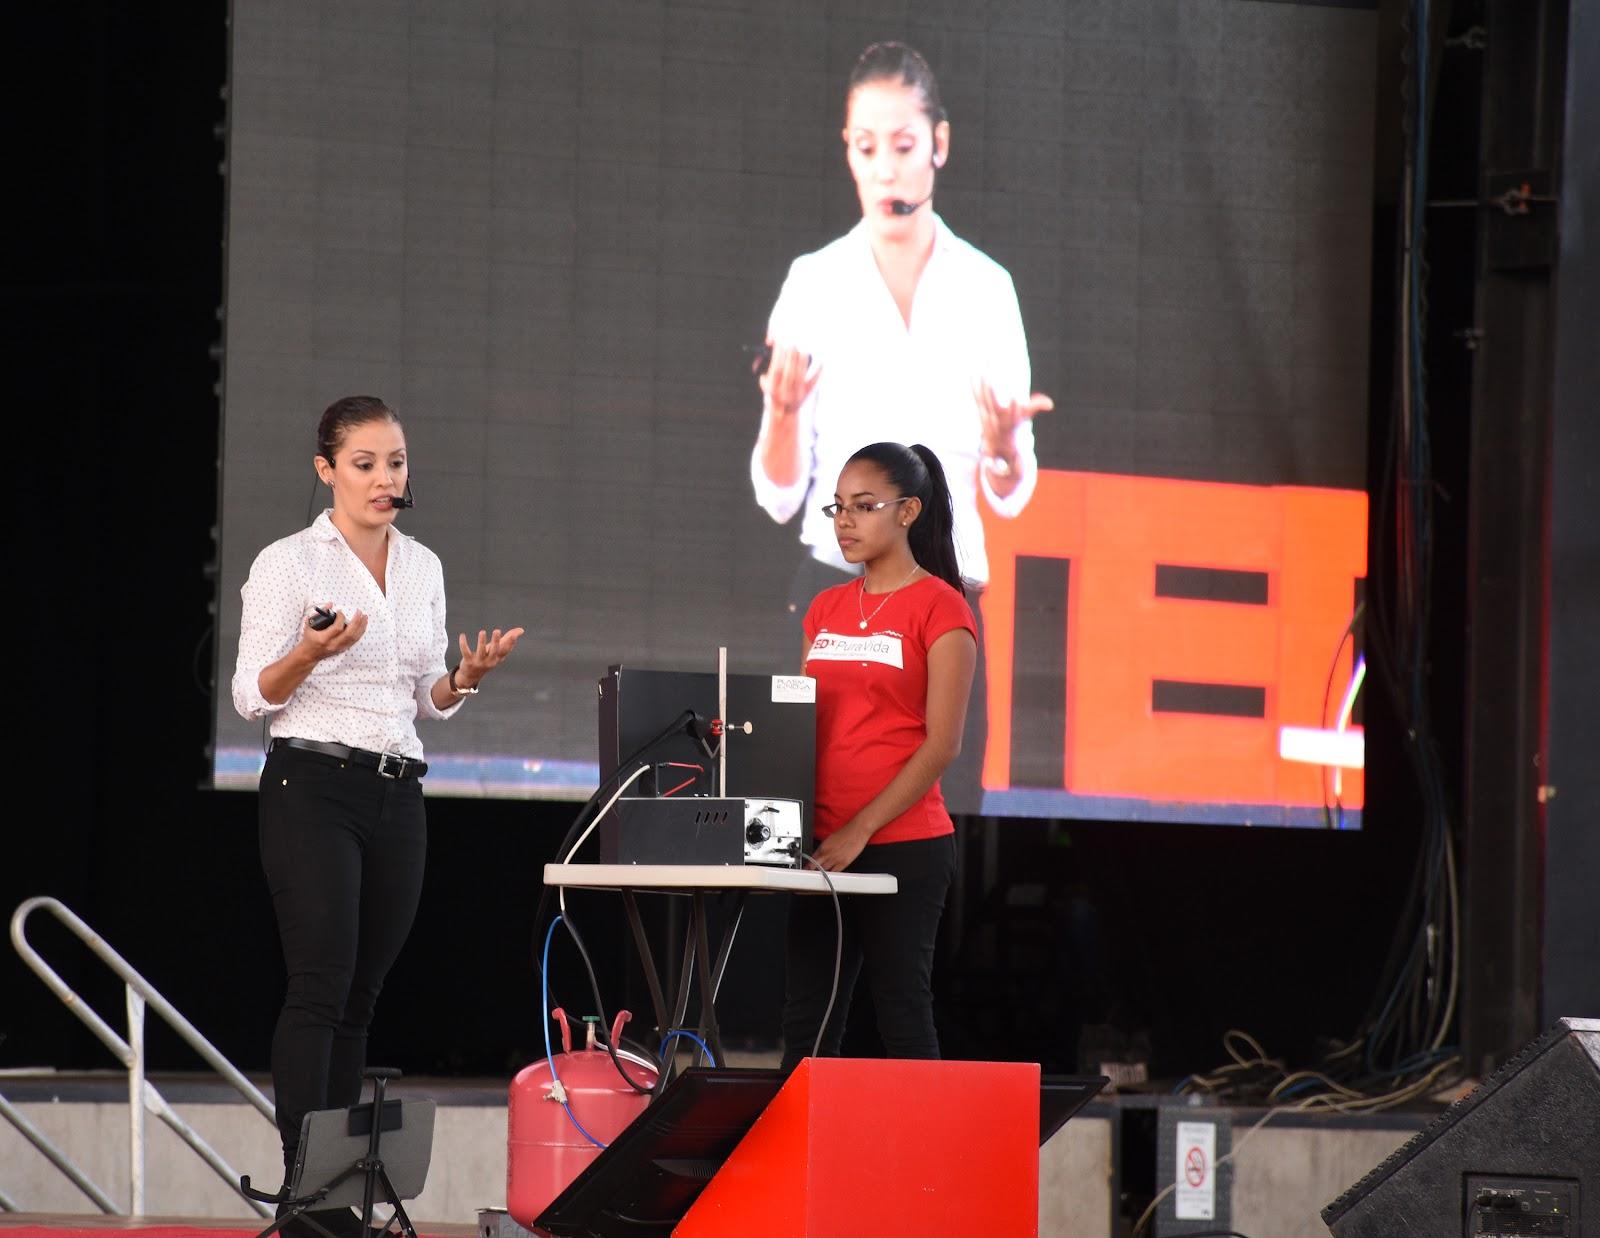 Laura Barillas fue la encargada de abrir el segundo bloque de exposiciones del Tedx Pura Vida Joven (Fotografía: Ruth Garita/OCM)